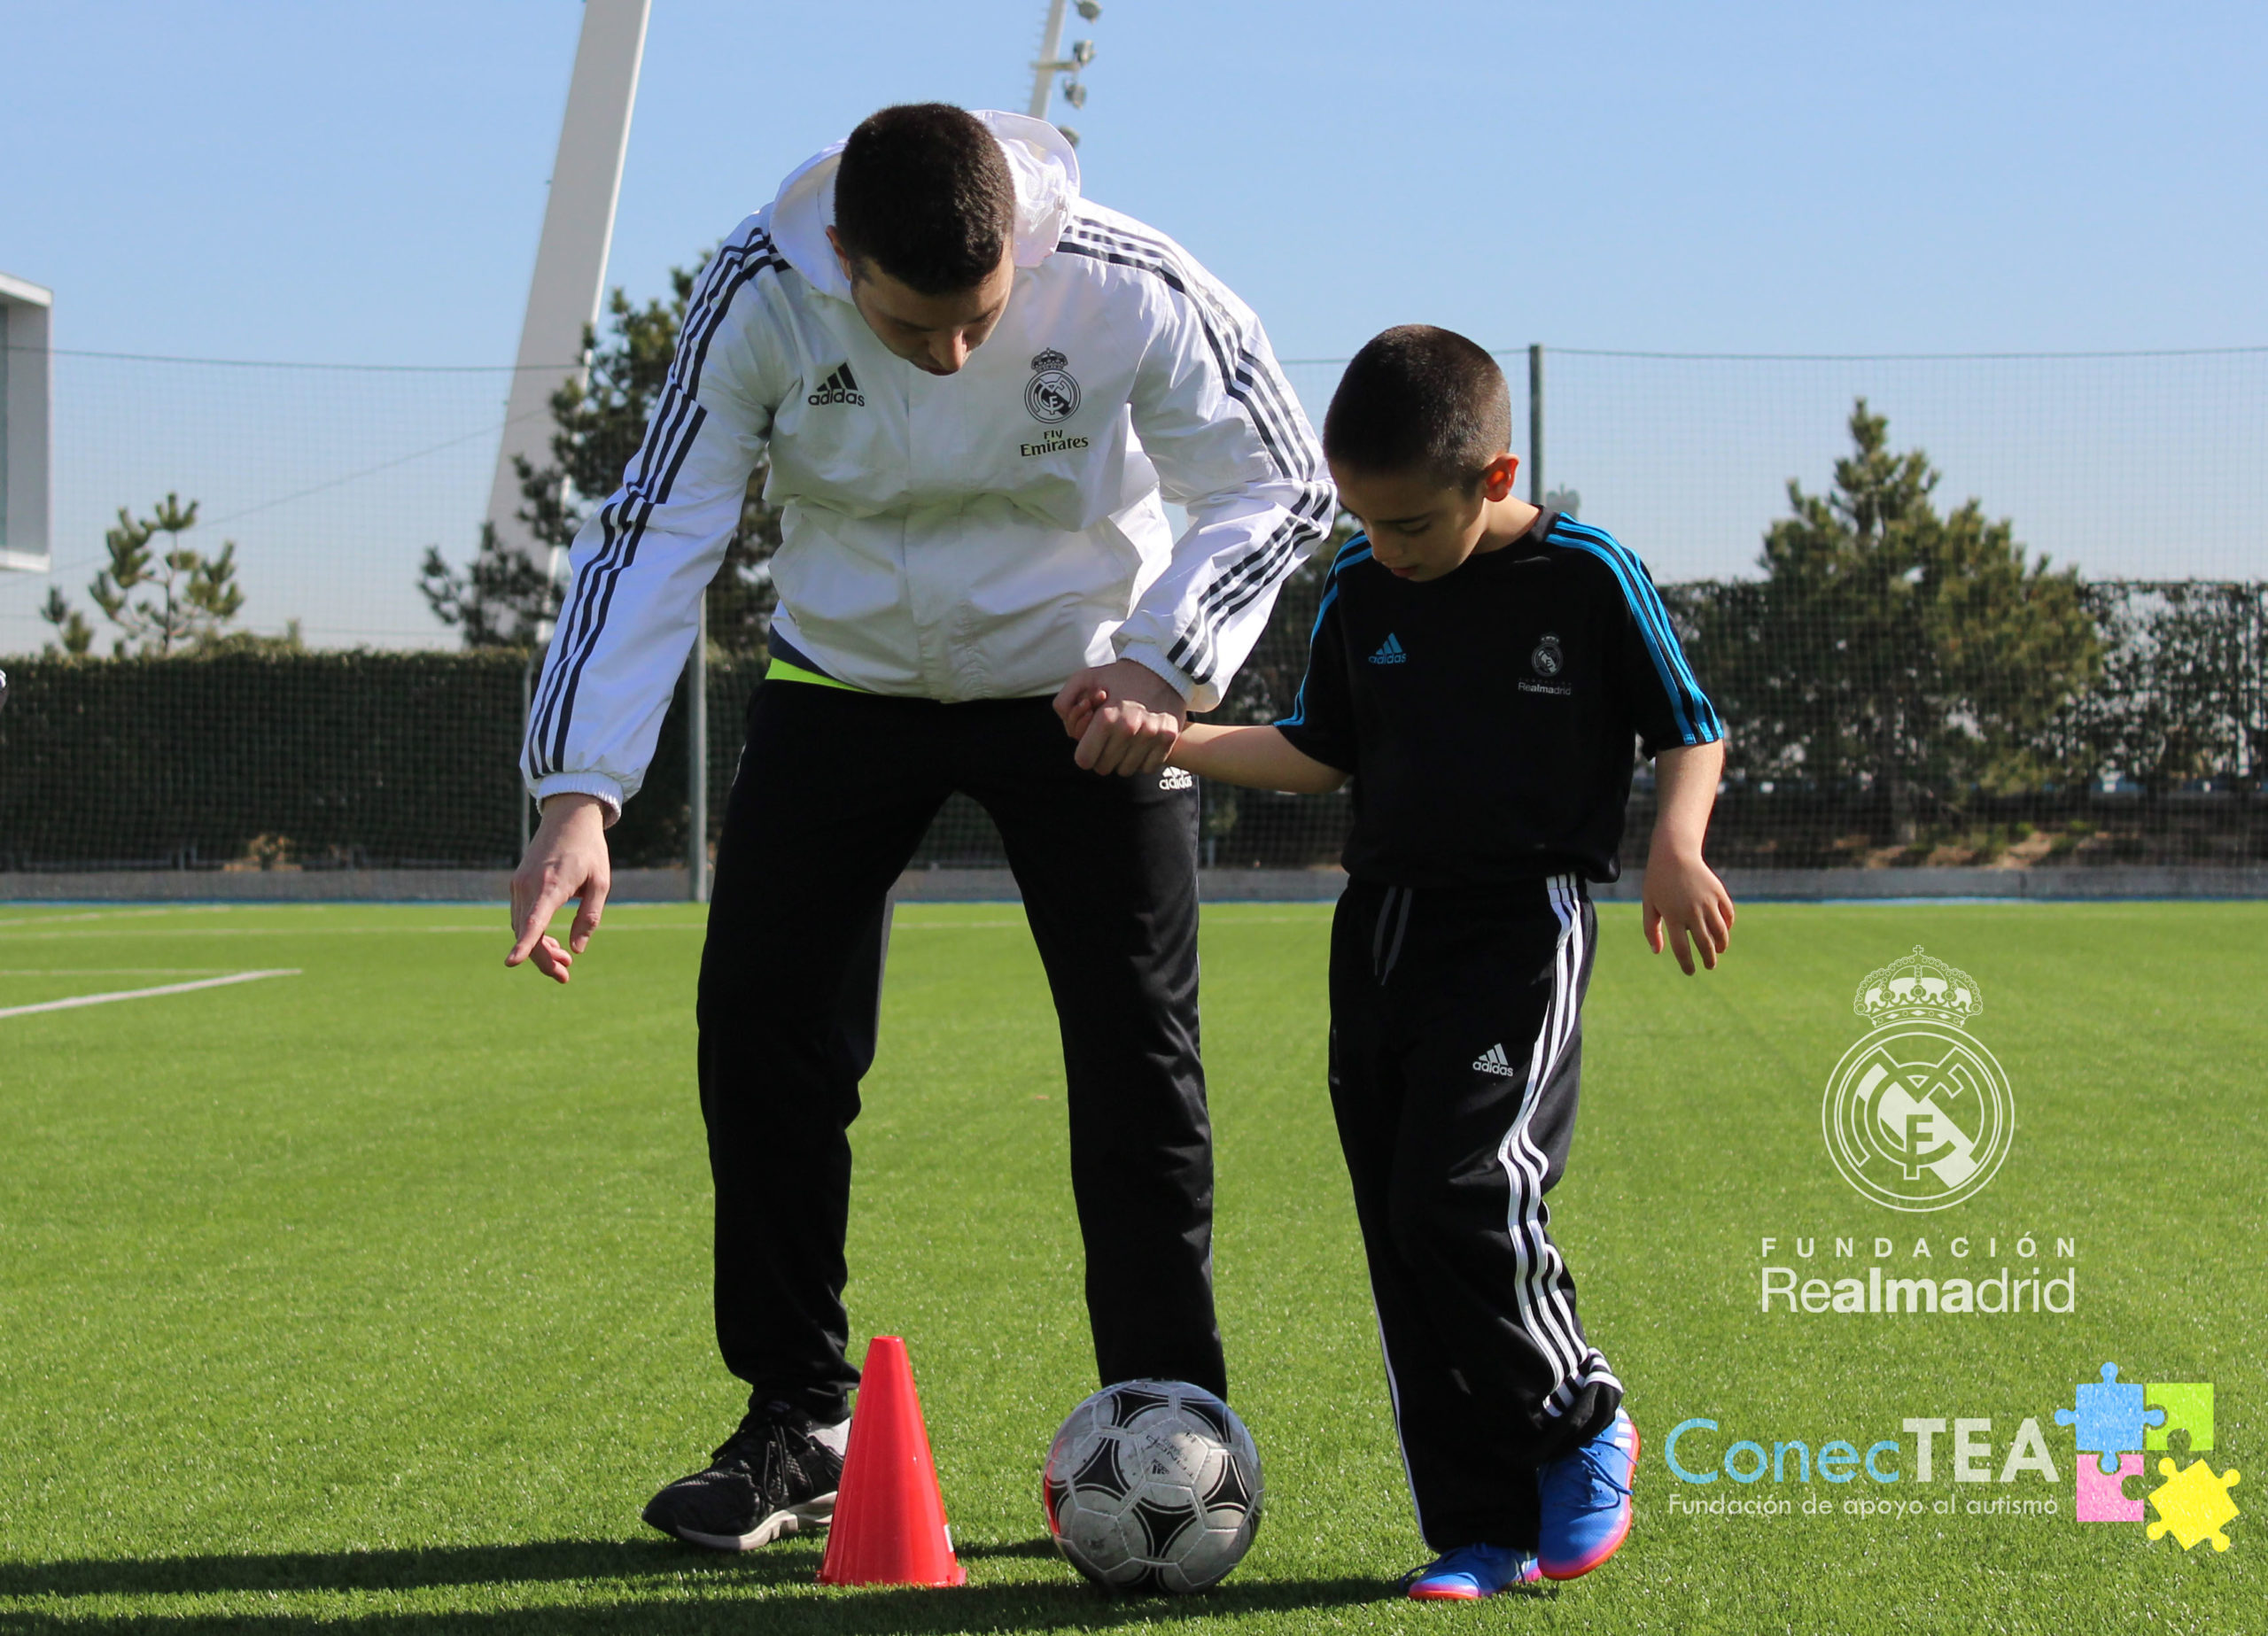 ConecTEA y fundación Real Madrid